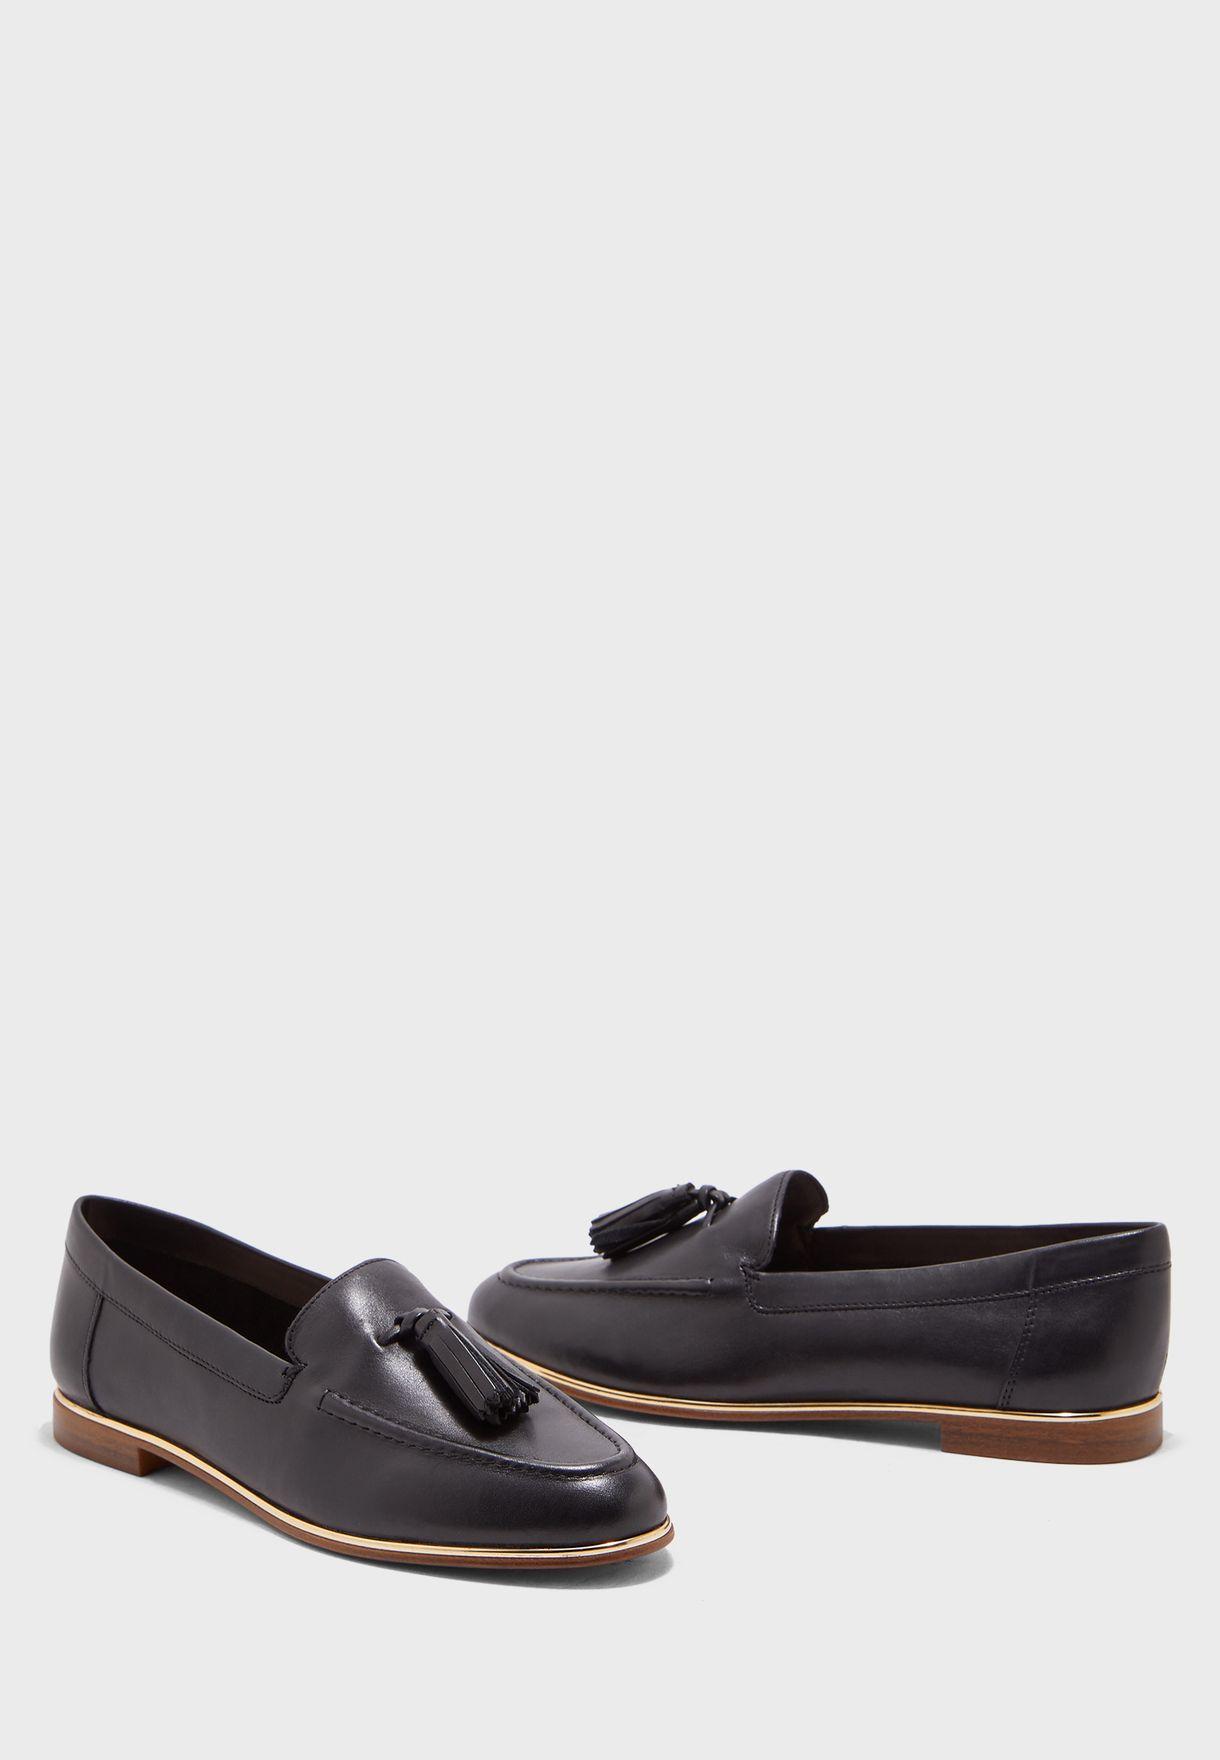 حذاء جلد اصلي سهل الارتدء